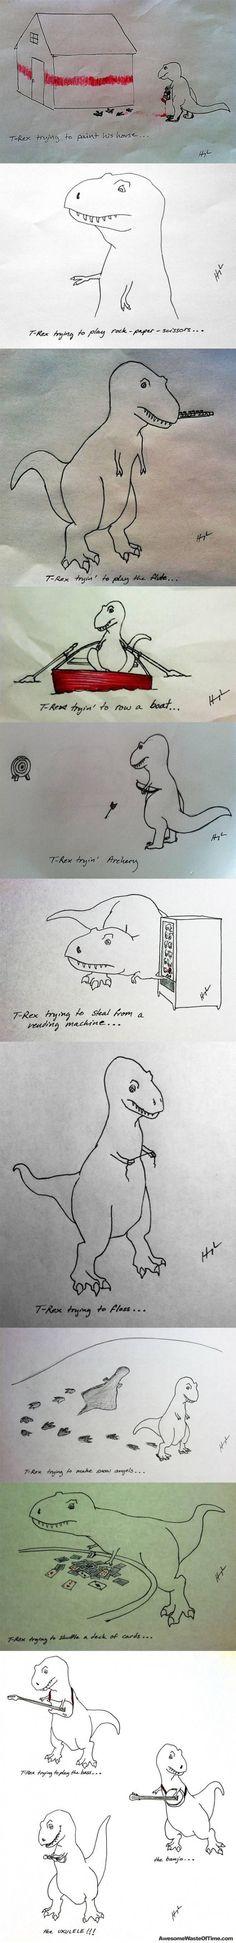 Poor Trex...